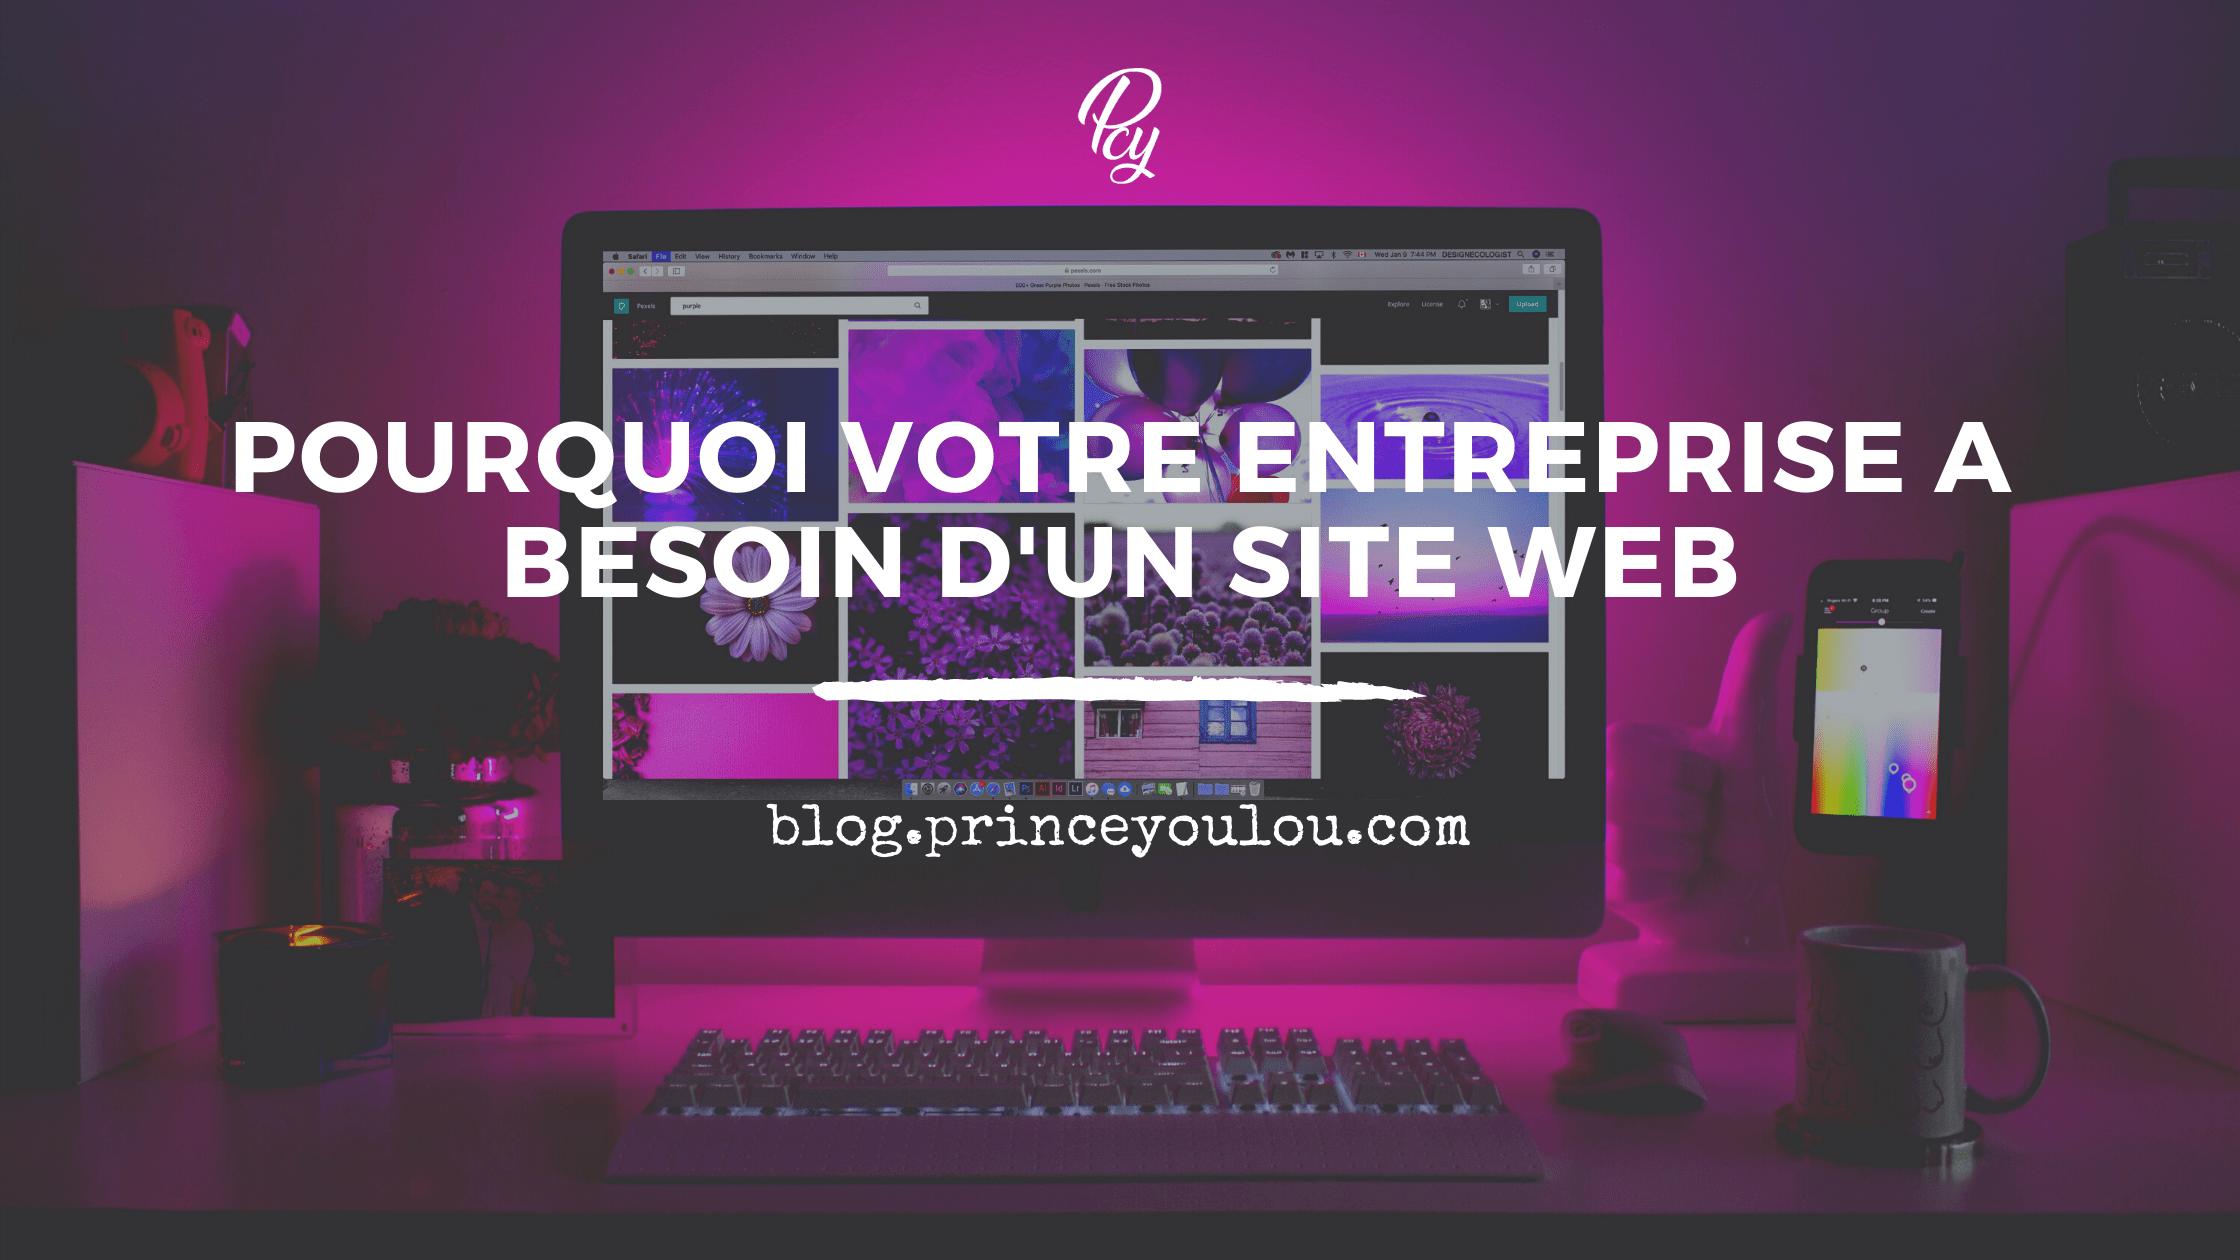 Pourquoi votre entreprise a besoin d'un site web